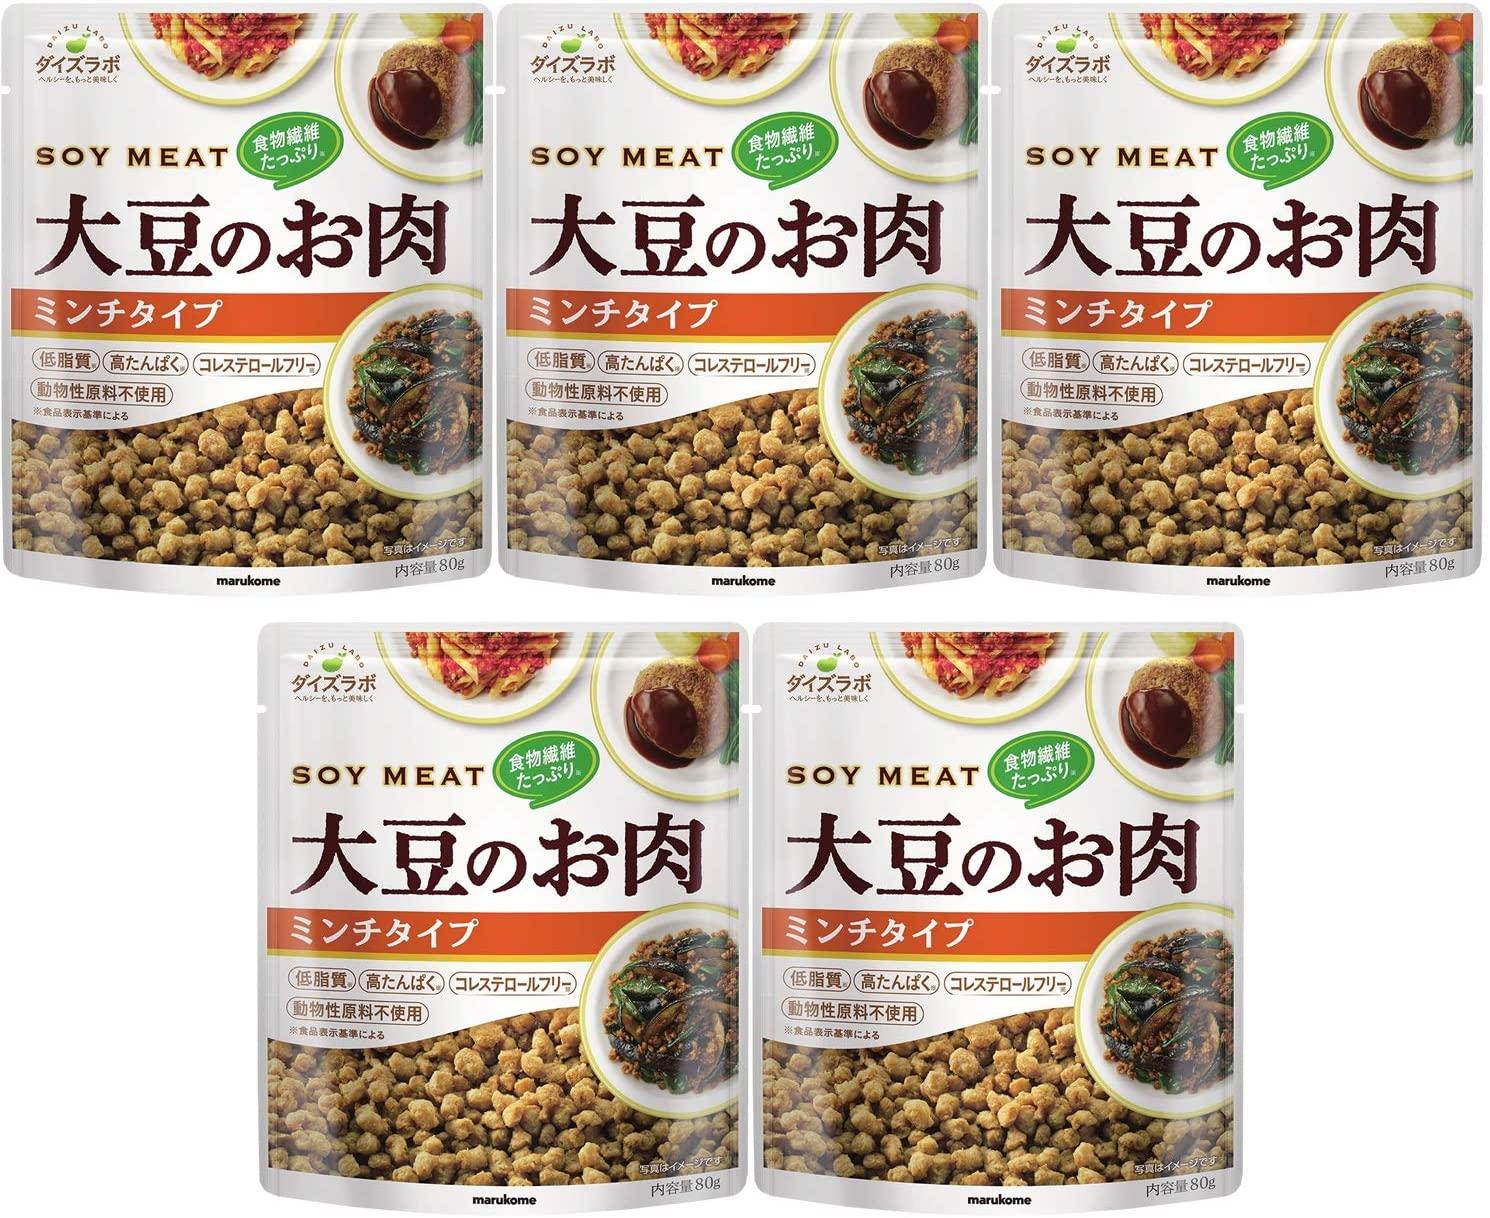 大豆ミートを食べ始める